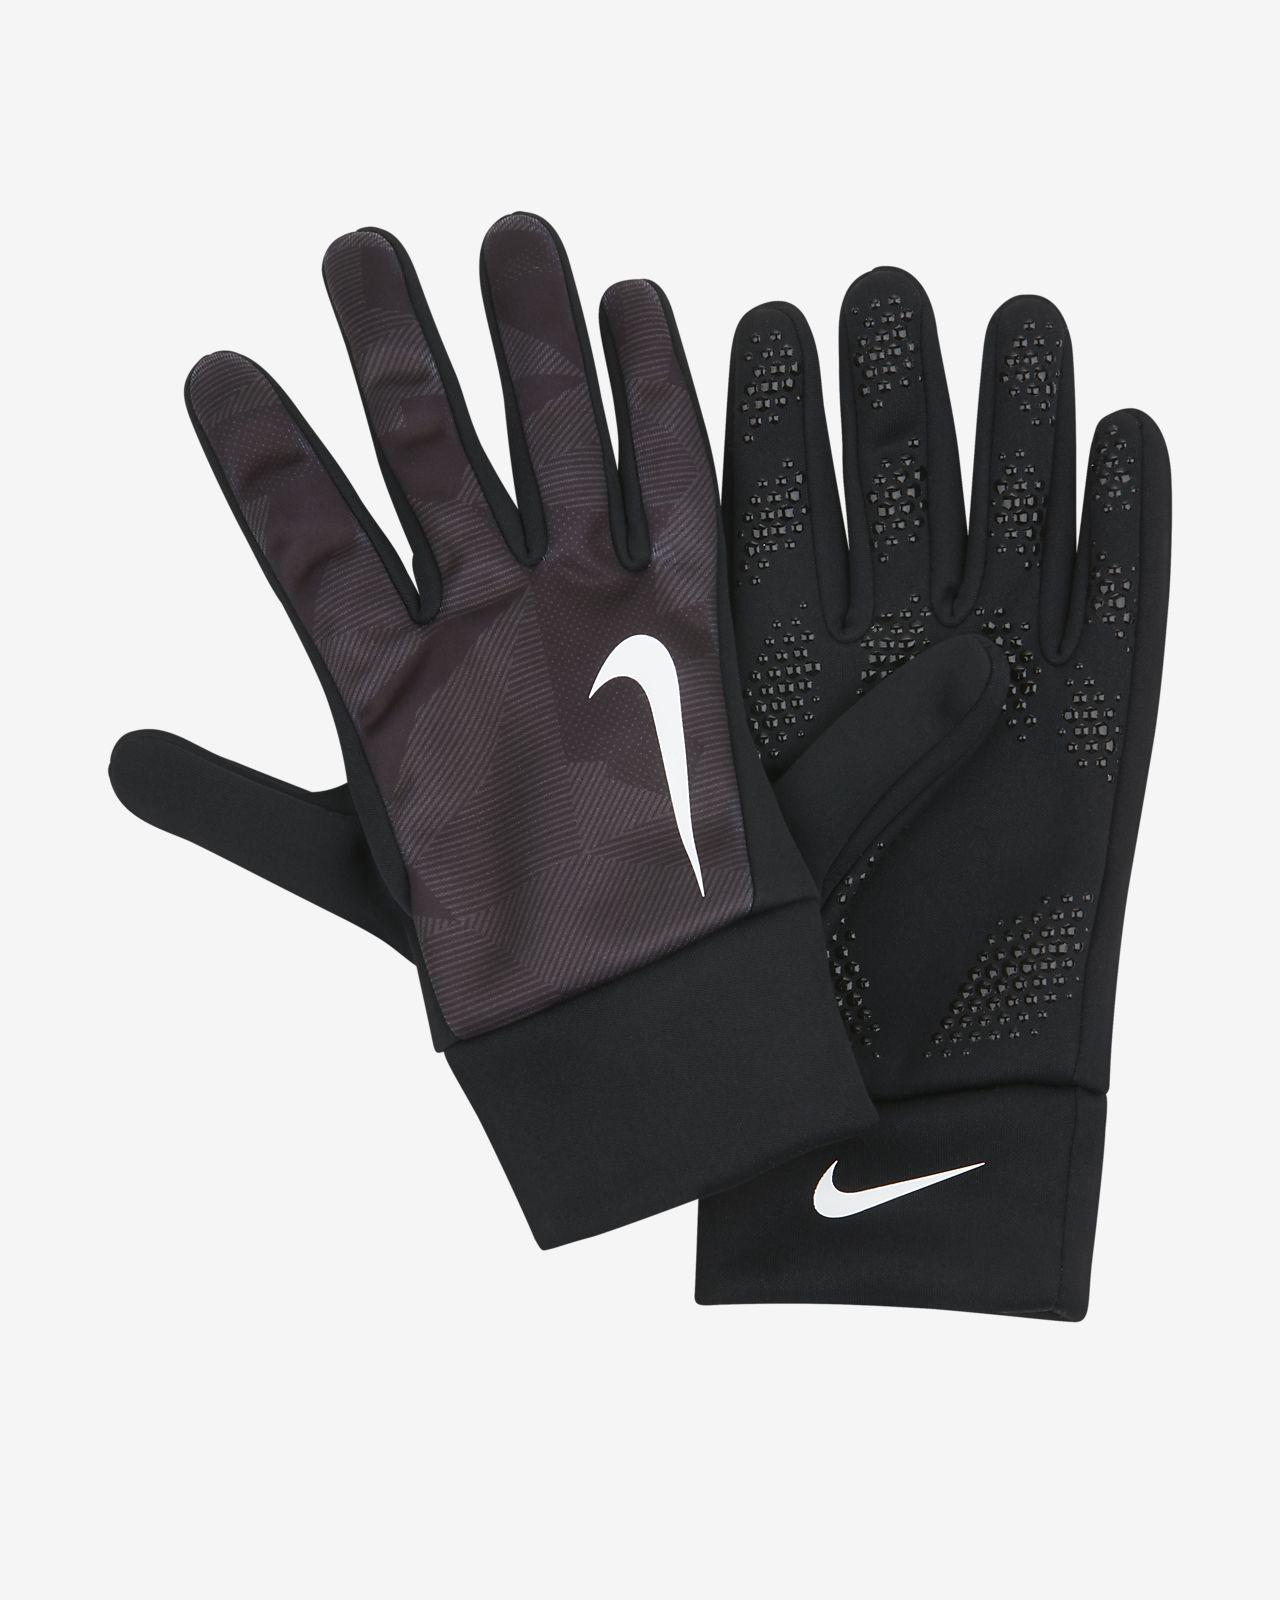 Nike Hyperwarm Field Player Fussballhandschuhe